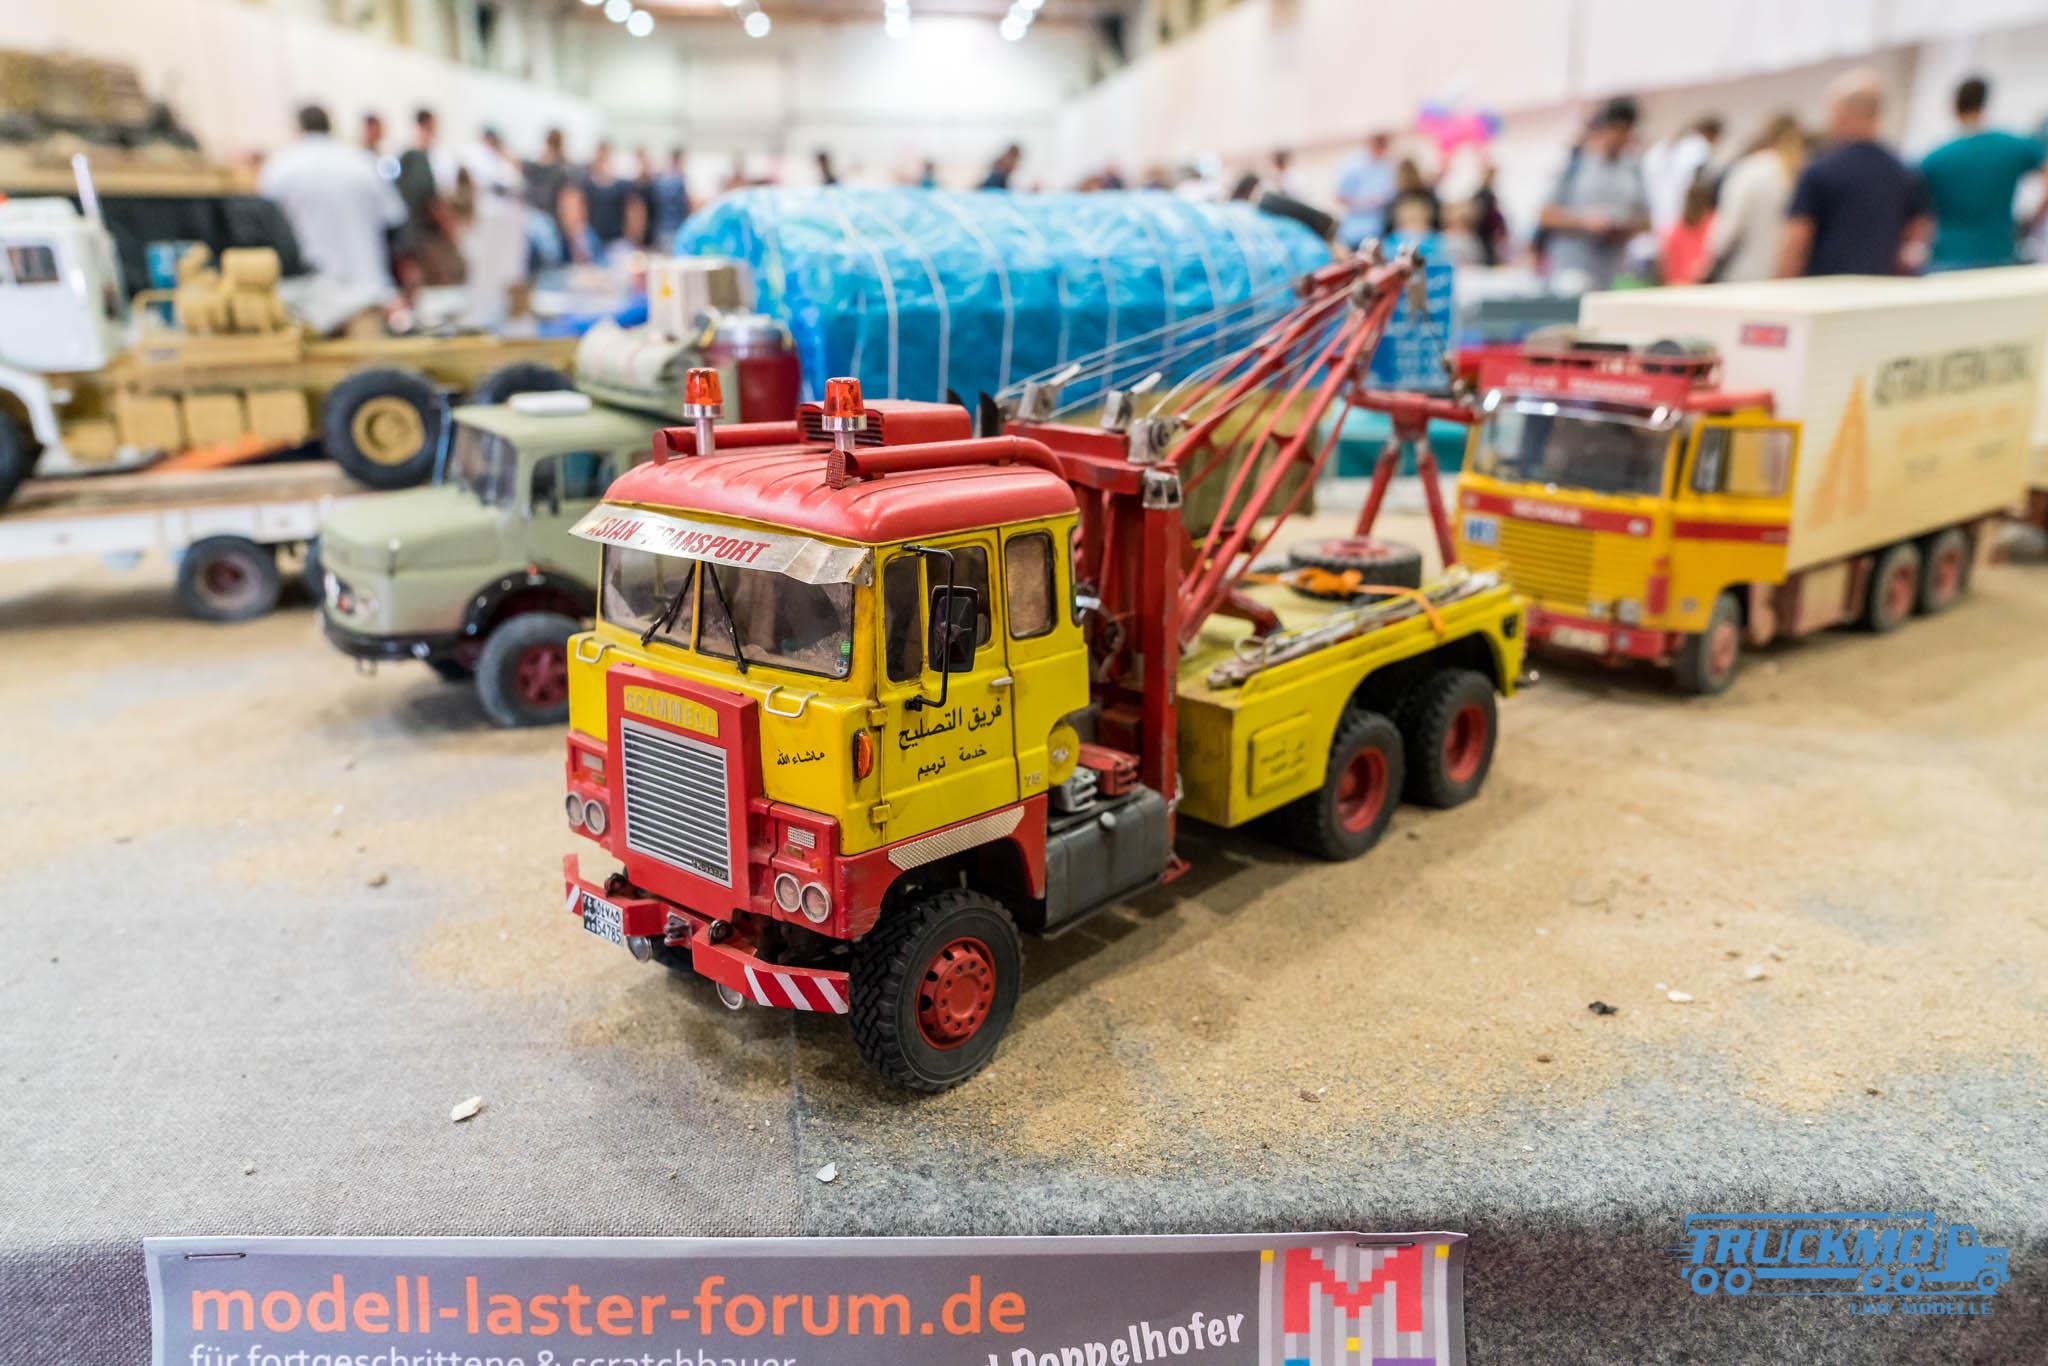 Truckmo_Modellbau_Ried_2017_Herpa_Messe_Modellbauausstellung (425 von 1177)